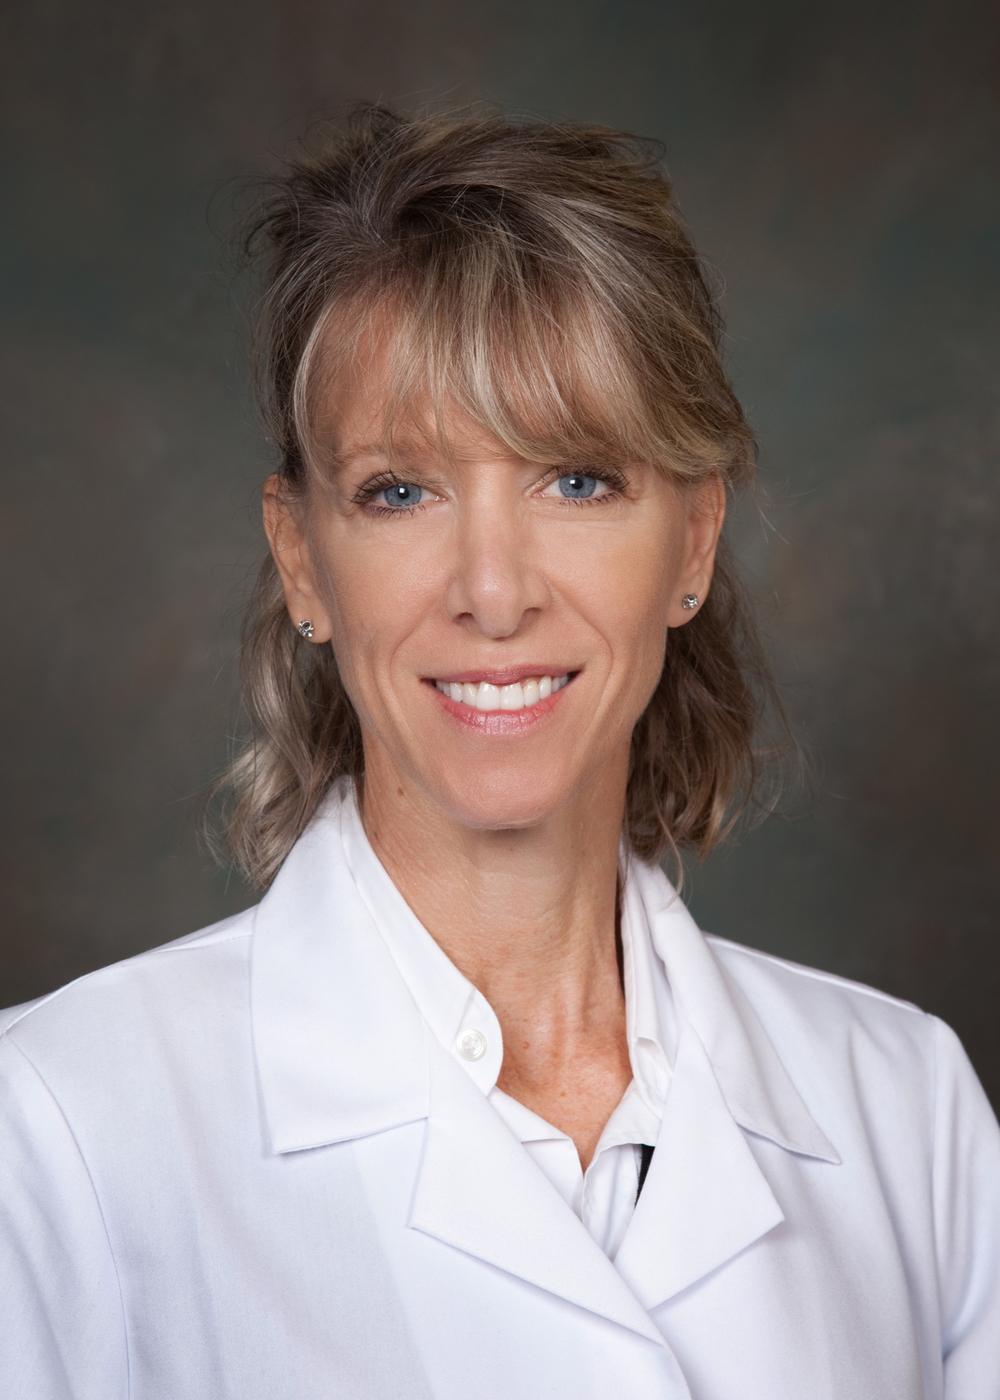 Dr Sandra Gregory